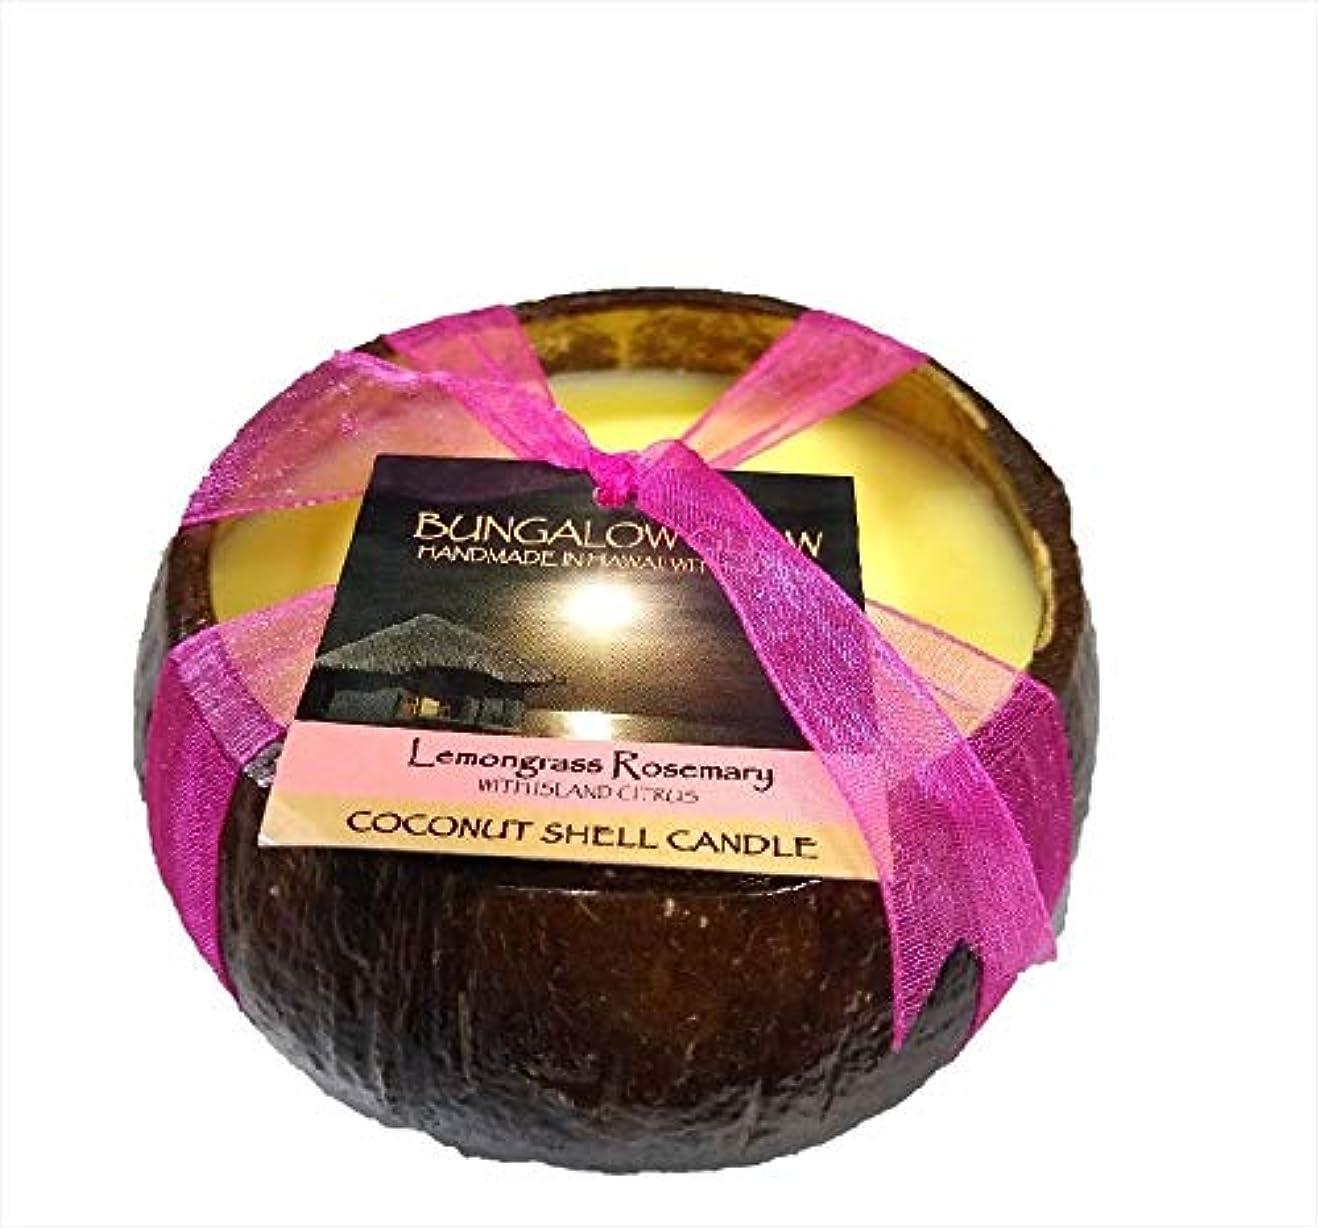 飾るありそうバトル【正規輸入品】 バブルシャック?ハワイ Bubble shack Coconut Shell candle ココナッツシェルキャンドル lemongrass rosemary レモングラスローズマリー 500g